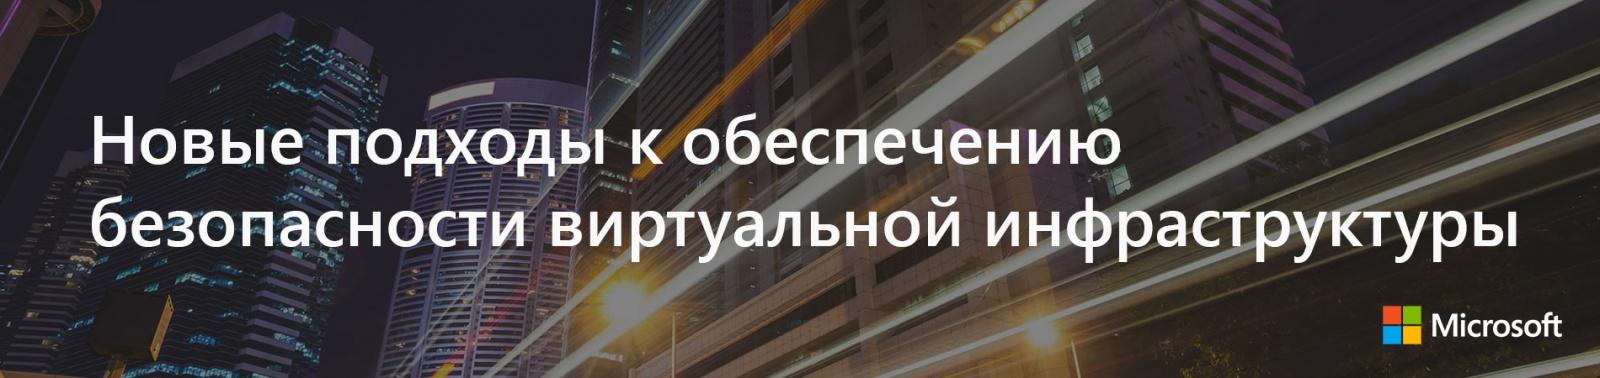 Новые подходы к обеспечению безопасности виртуальной инфраструктуры - 1